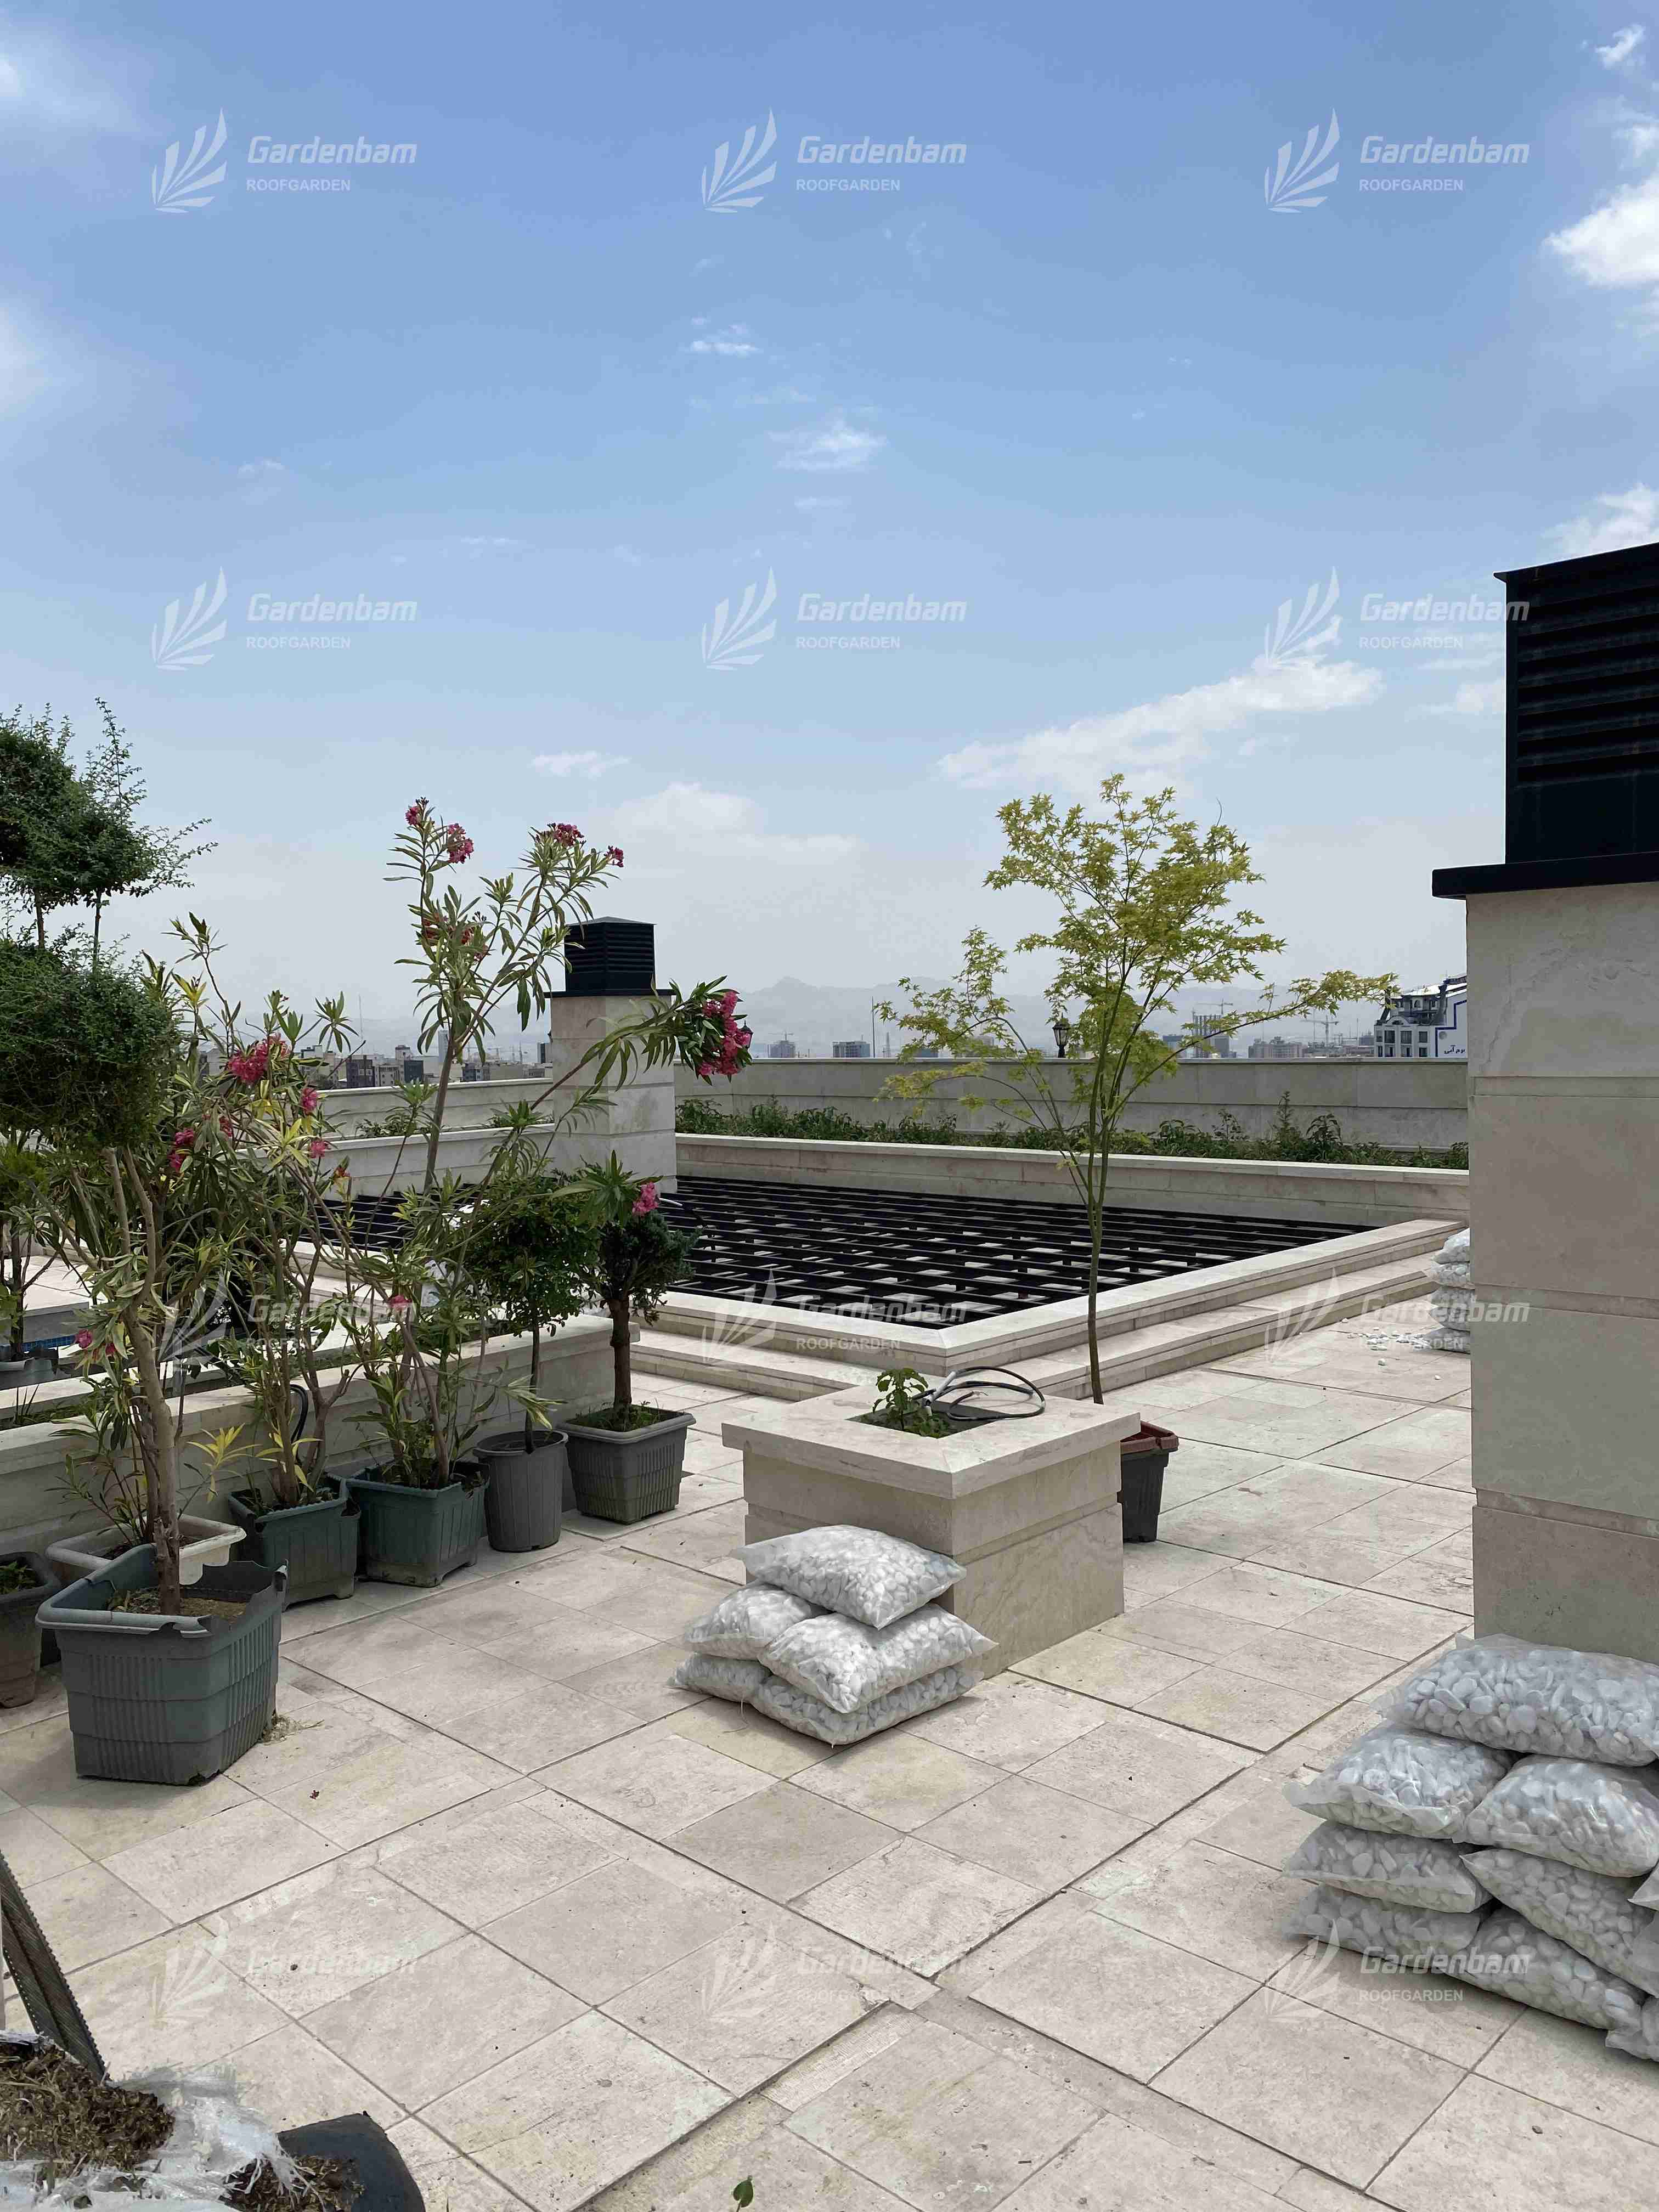 طراحی و اجرای روف گاردن شرکت گاردن بام-سعادت آباد